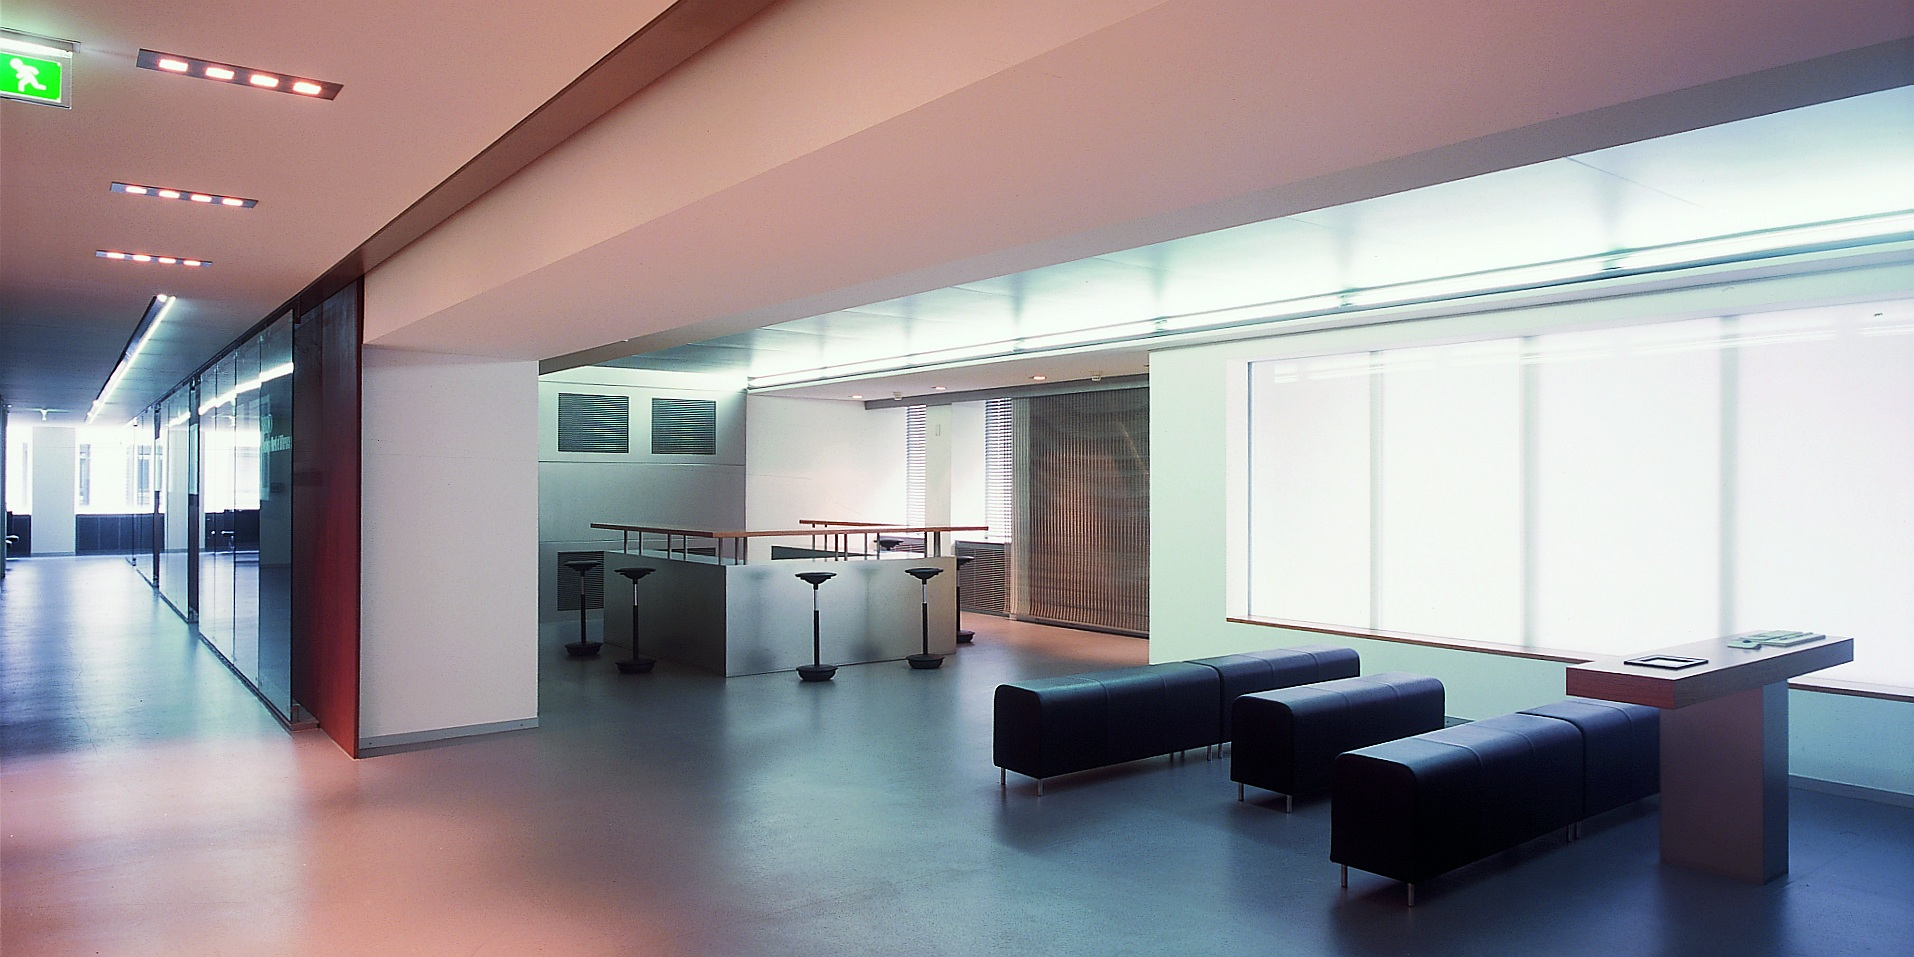 Architekten Frankfurt – Umbau und Neugestaltung Büroetage für BBDO in Düsseldorf, Architekturbüro Frick.Reichert Architekten